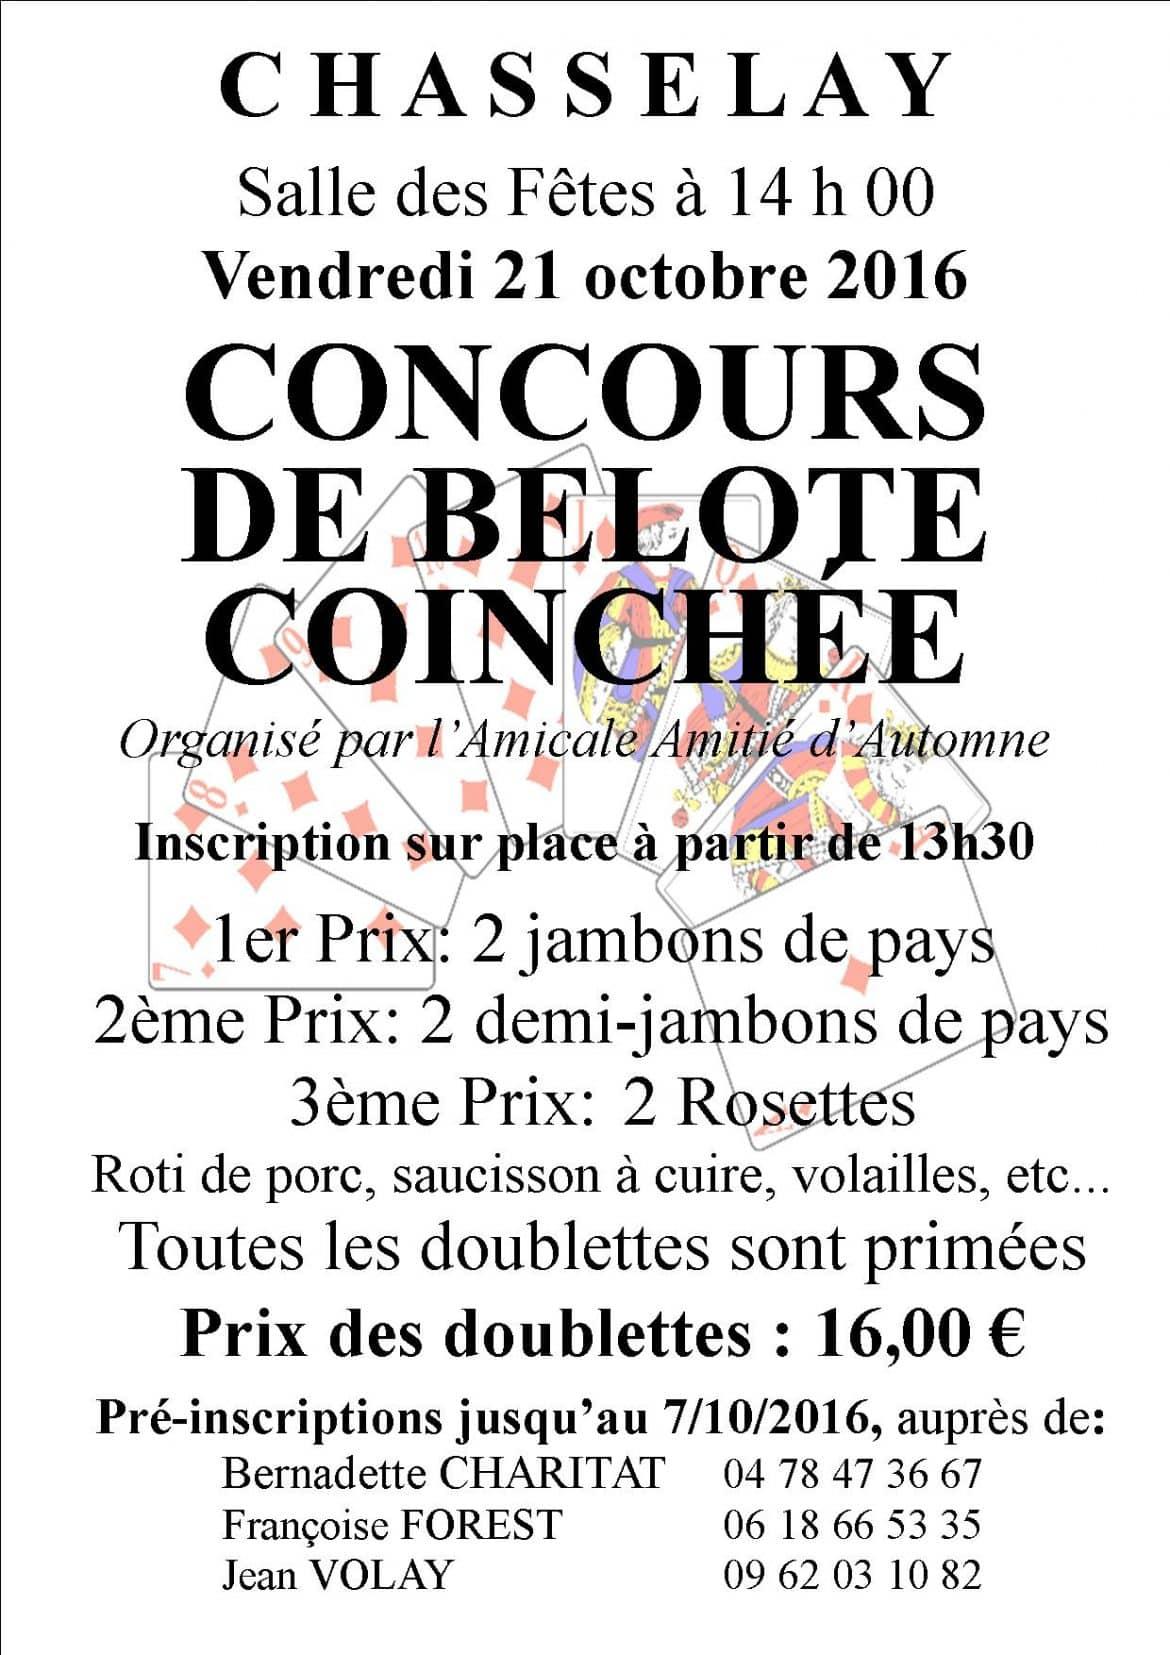 Affiche du tournoi de belote organisé vendredi 21 octobre 2016 à Chasselay - Rhône